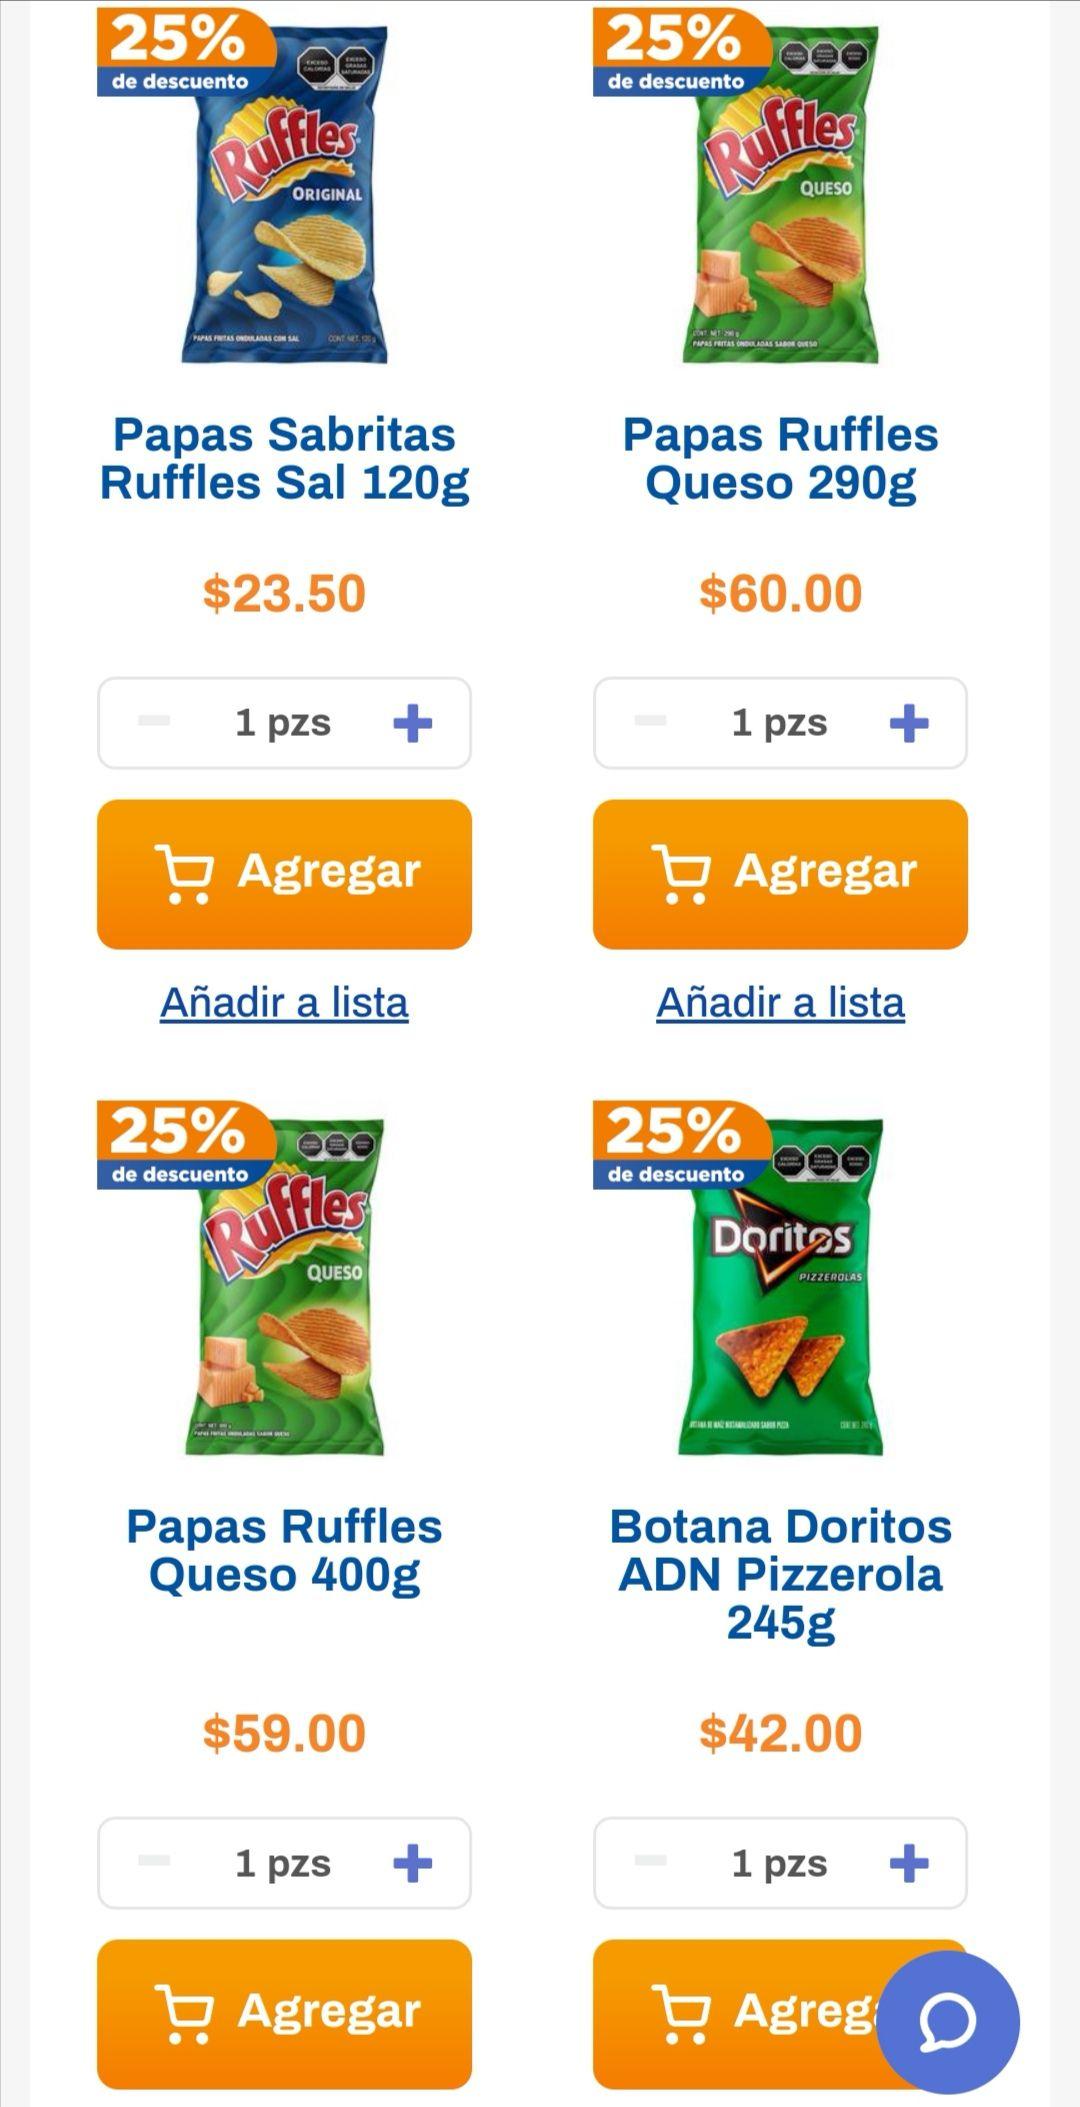 Chedraui: 25% de descuento en Ruffles y Doritos